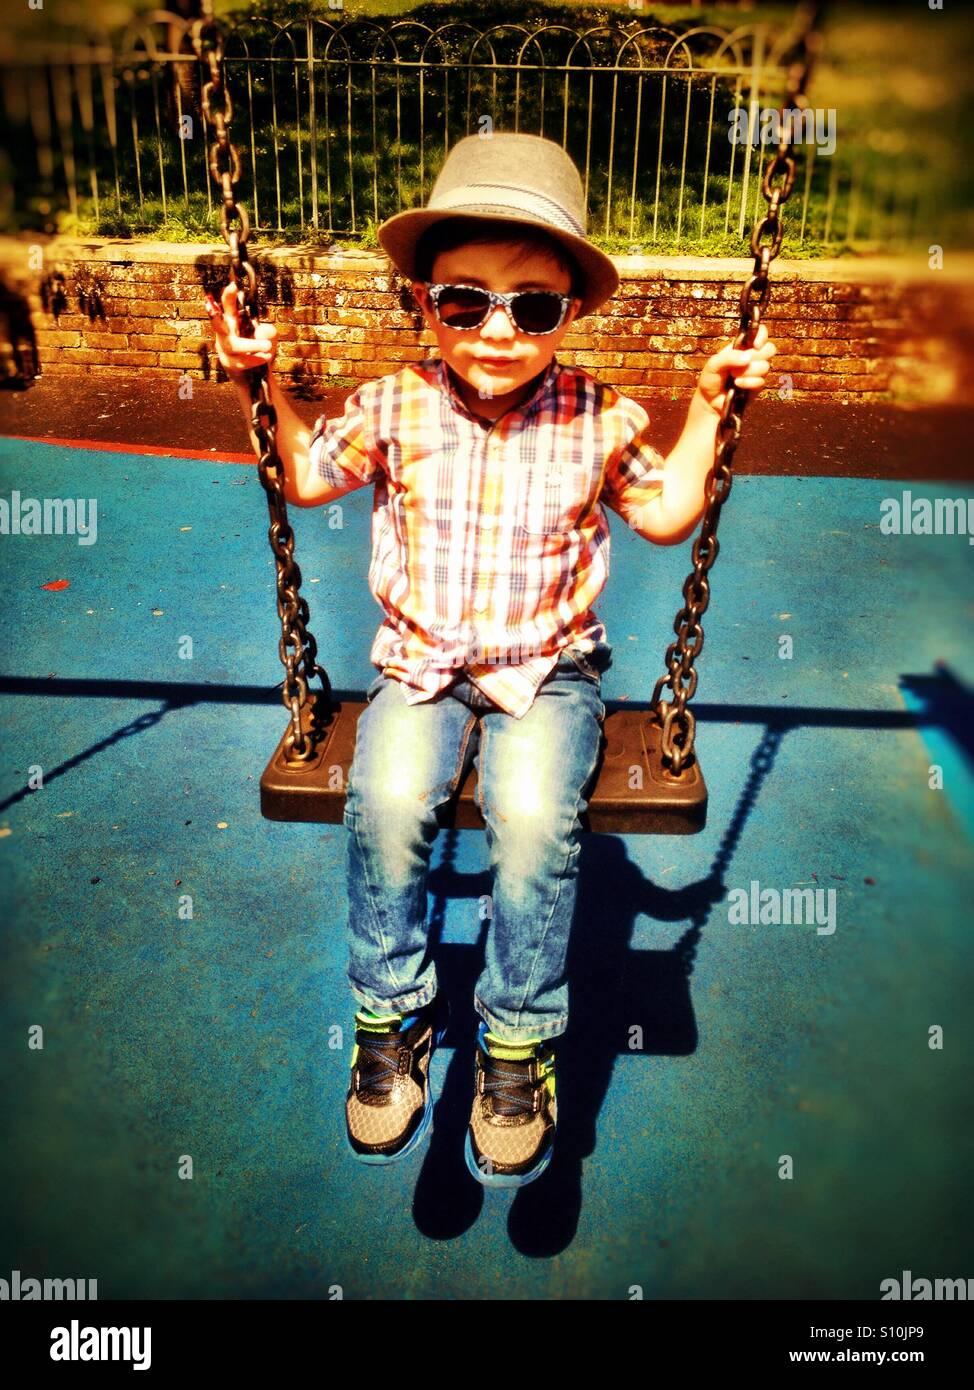 Un joven vistiendo gorra y gafas de sol juega el columpio en el parque. Imagen De Stock